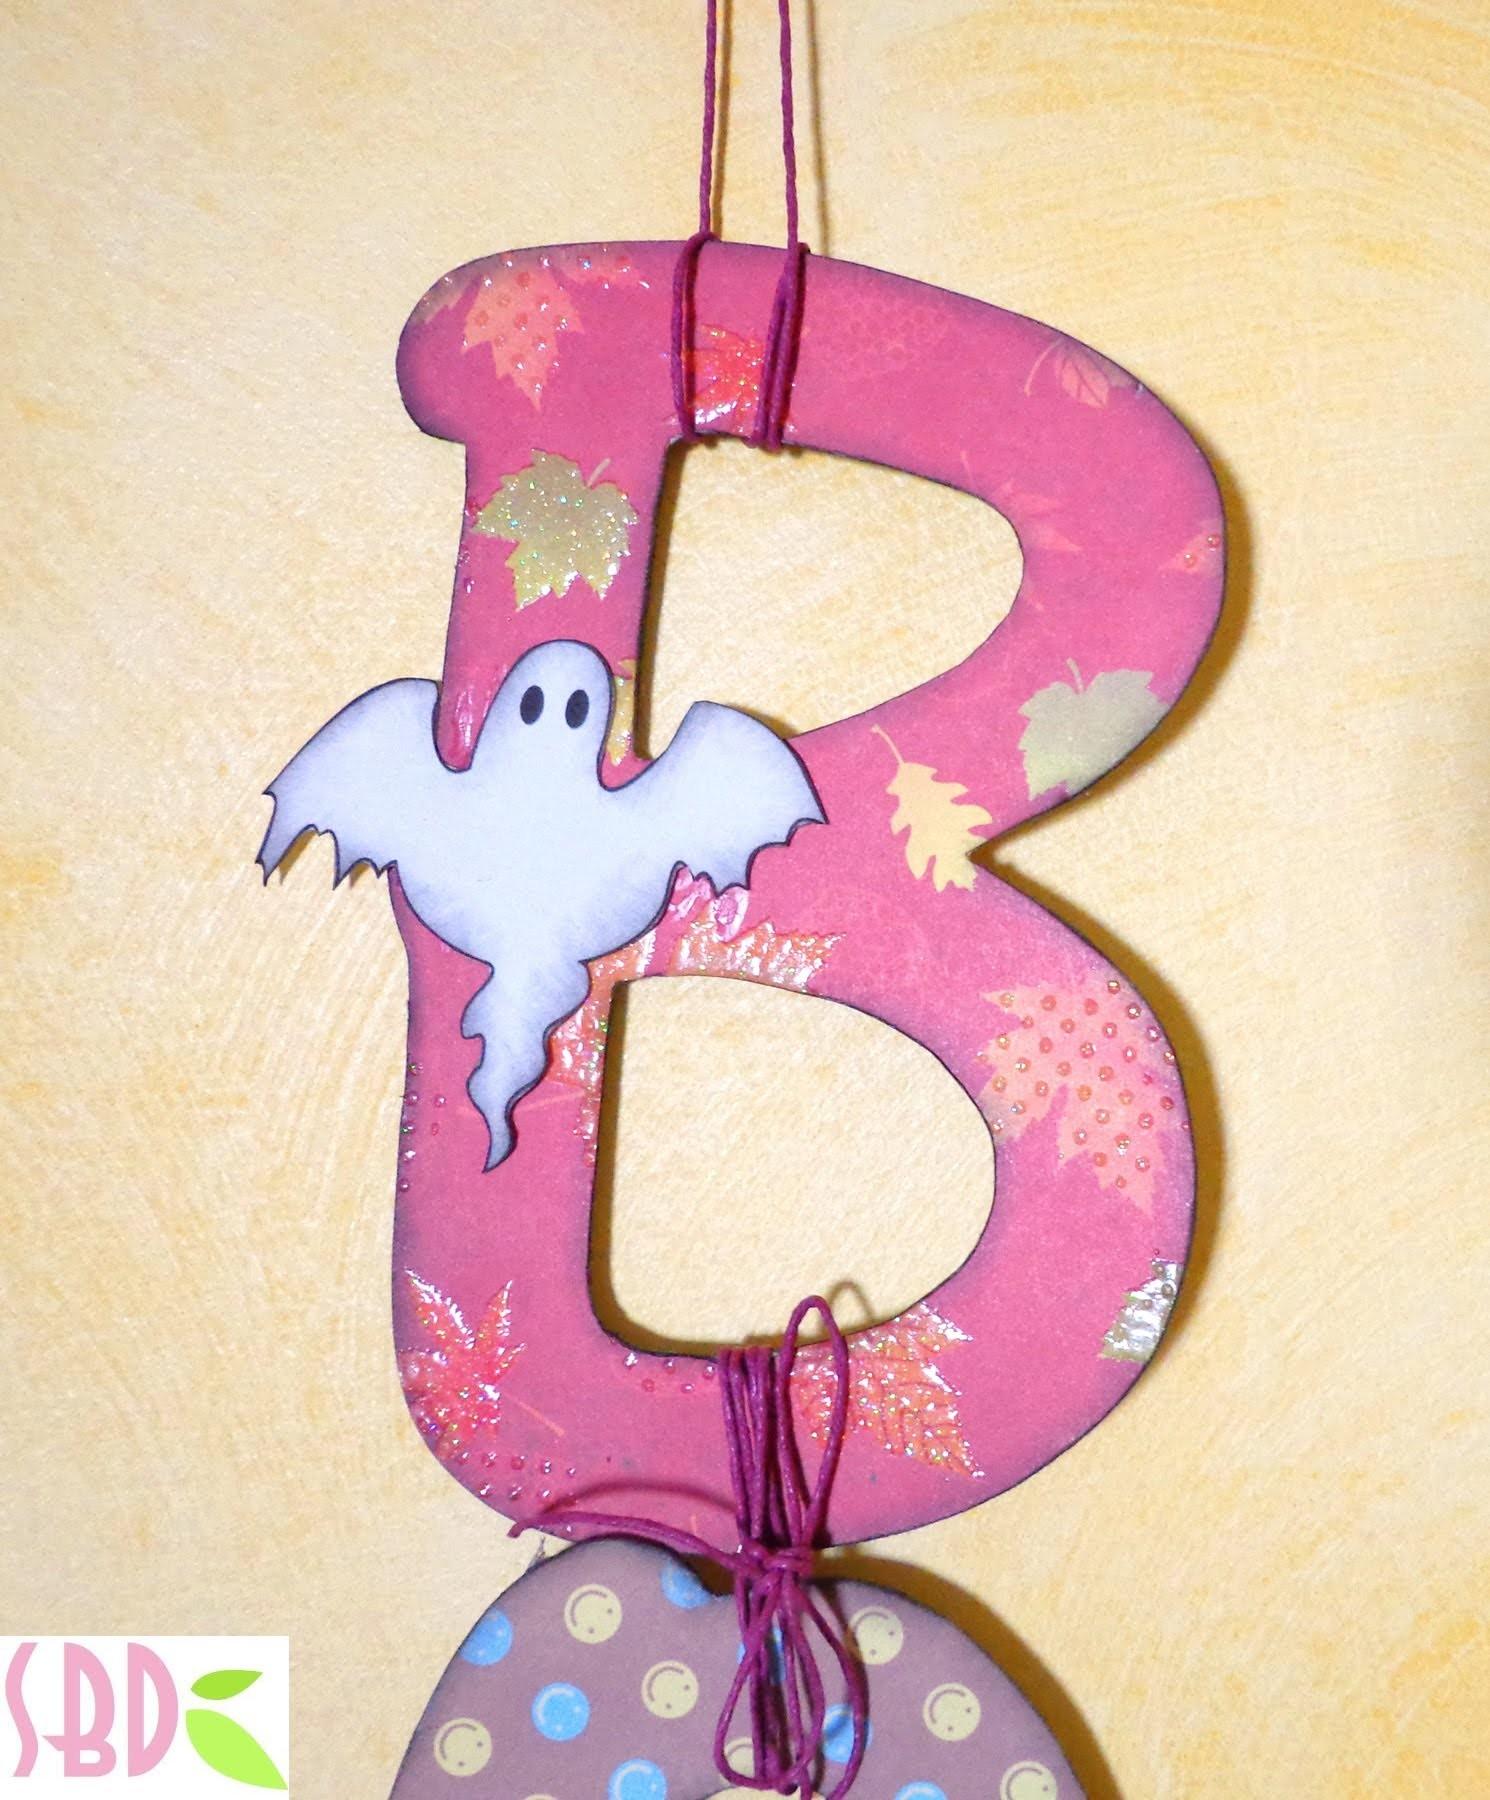 Halloween: Decorazione da parete Boo! - Boo wall decoration